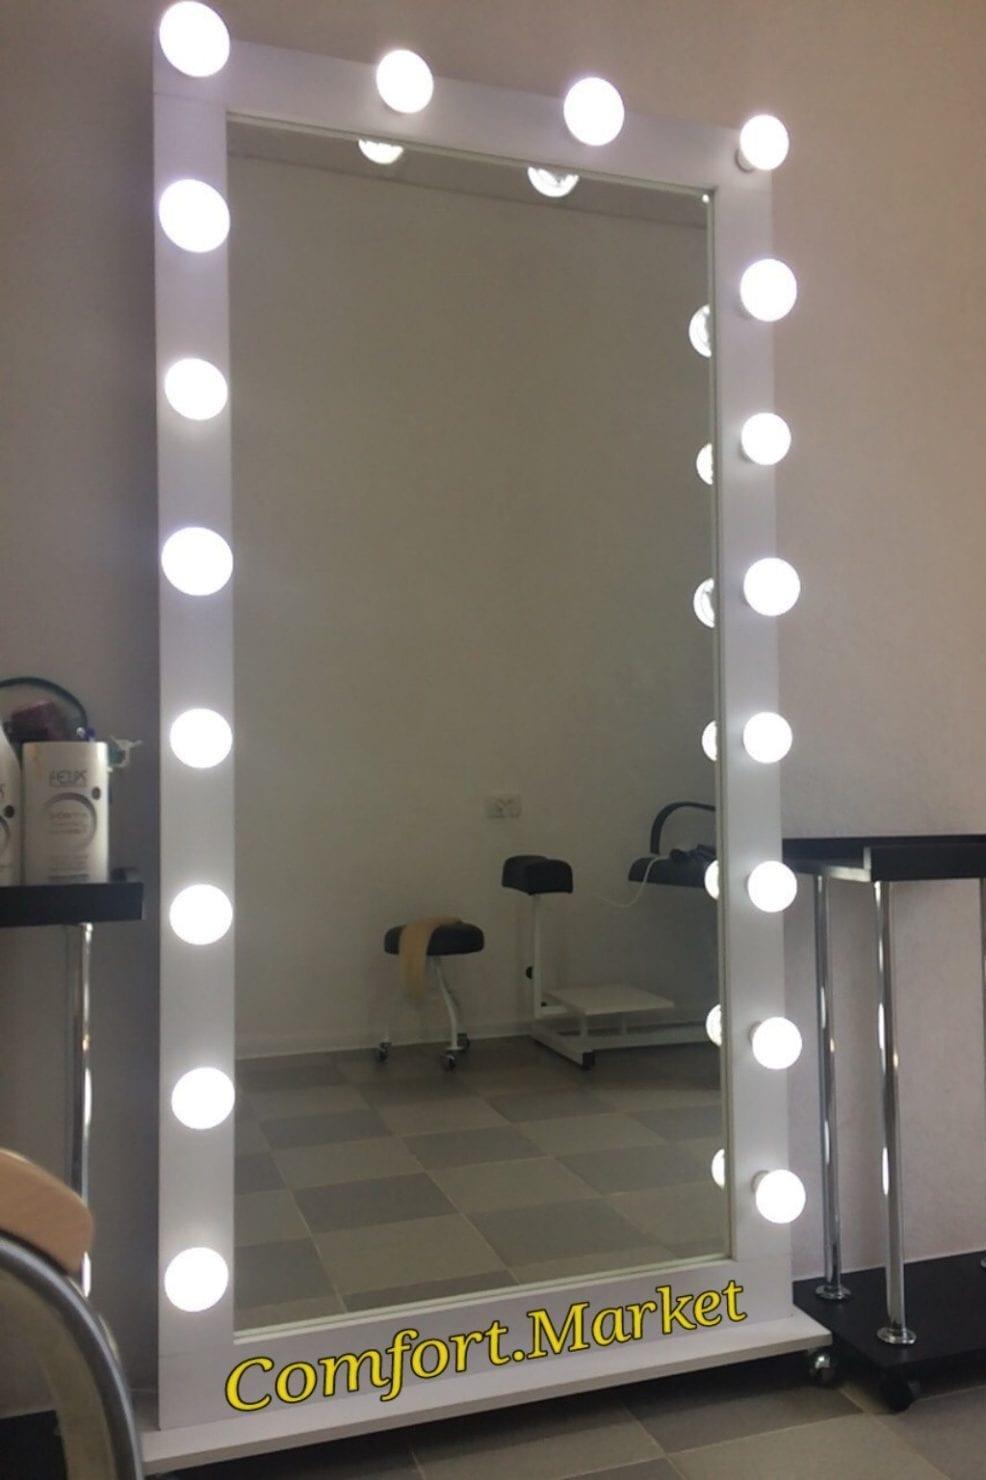 Зеркало во весь рост с лампочками - профессиональное рабочее место мастера красоты для кабинета дома или beauty салона.